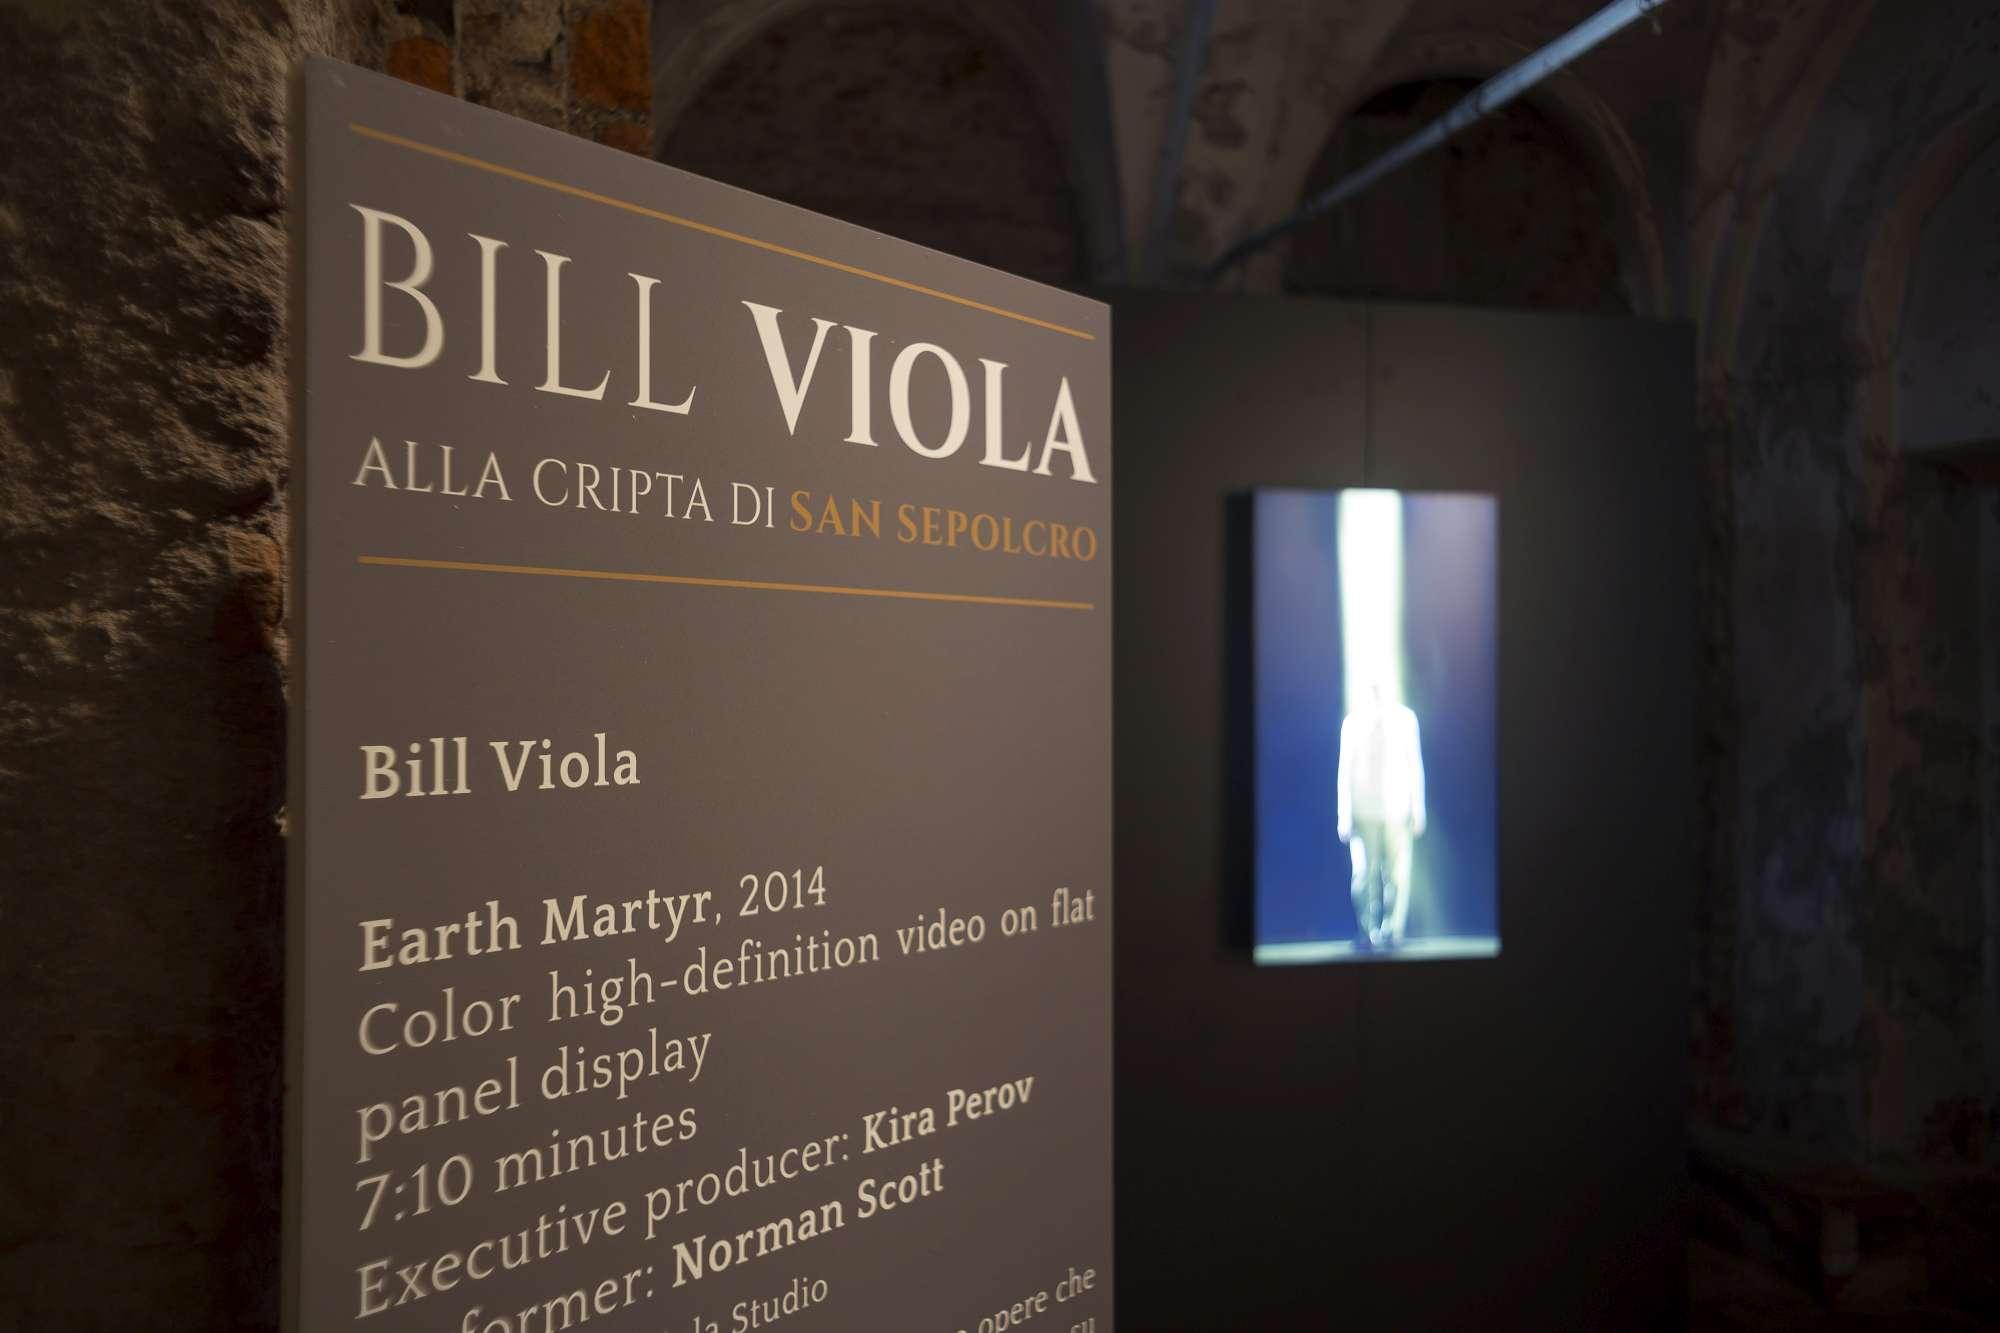 Le opere di Bill Viola nella cripta del Santo Sepolcro